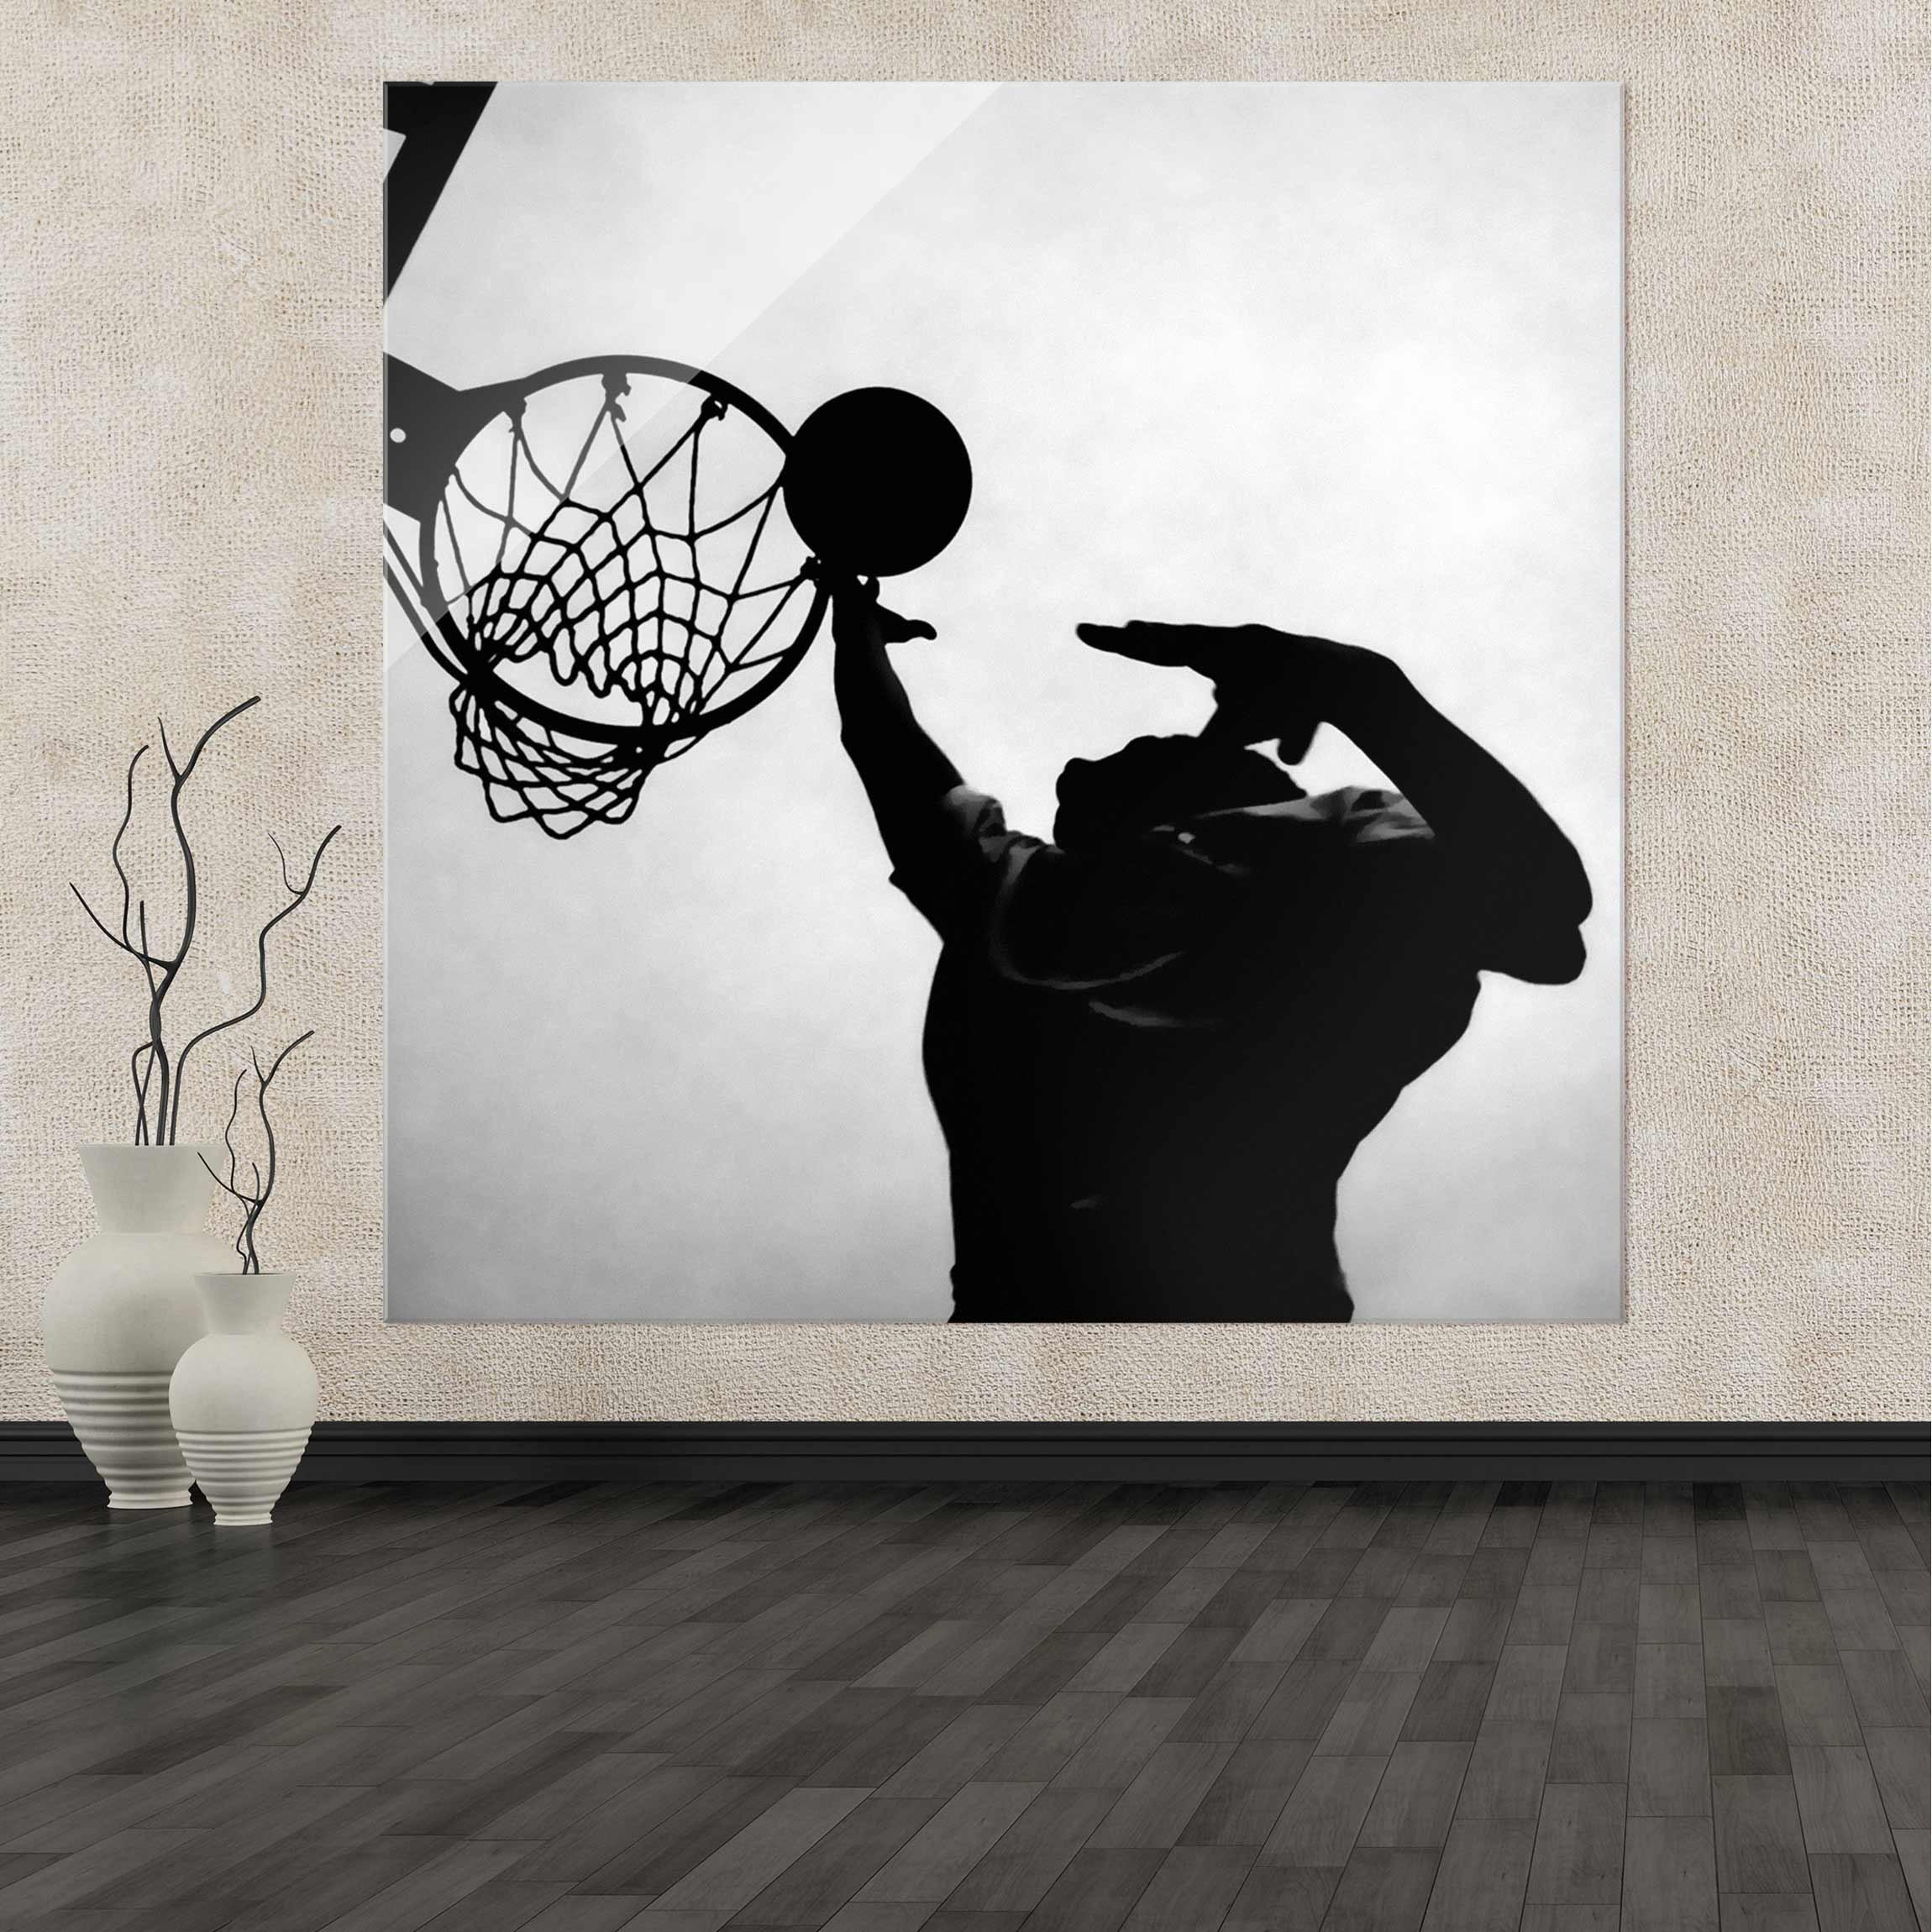 Full Size of Glasbild 120x50 Basketball Schwarz Wei Glasbilder Küche Bad Wohnzimmer Glasbild 120x50